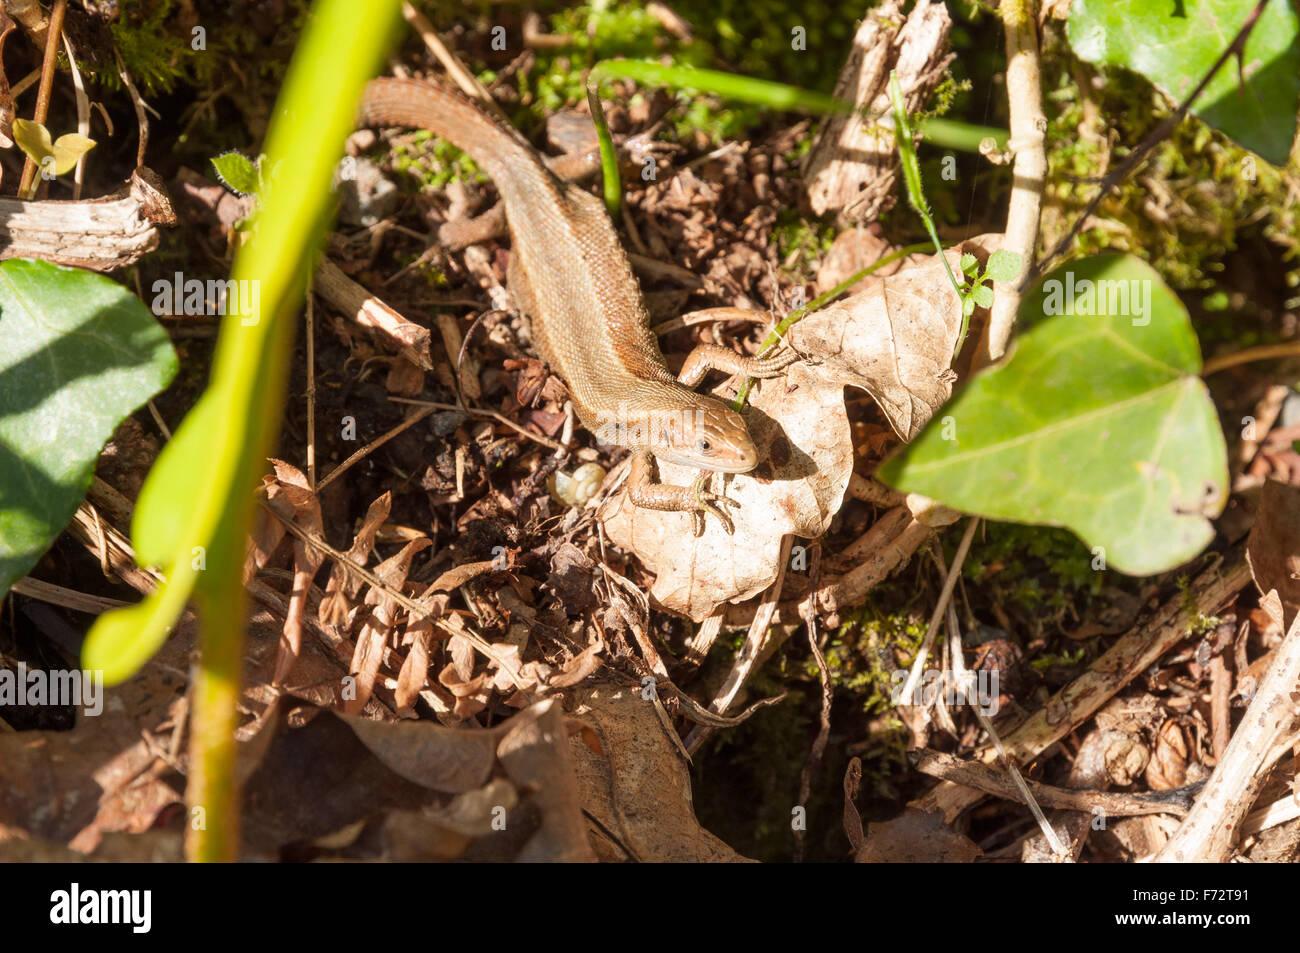 Braun gemeinen Eidechse (Lacerta/Zootoca Vivipara) mit abgeflachten Körper sonnen sich im März Sonne auf einer Bank in Devon Stockfoto